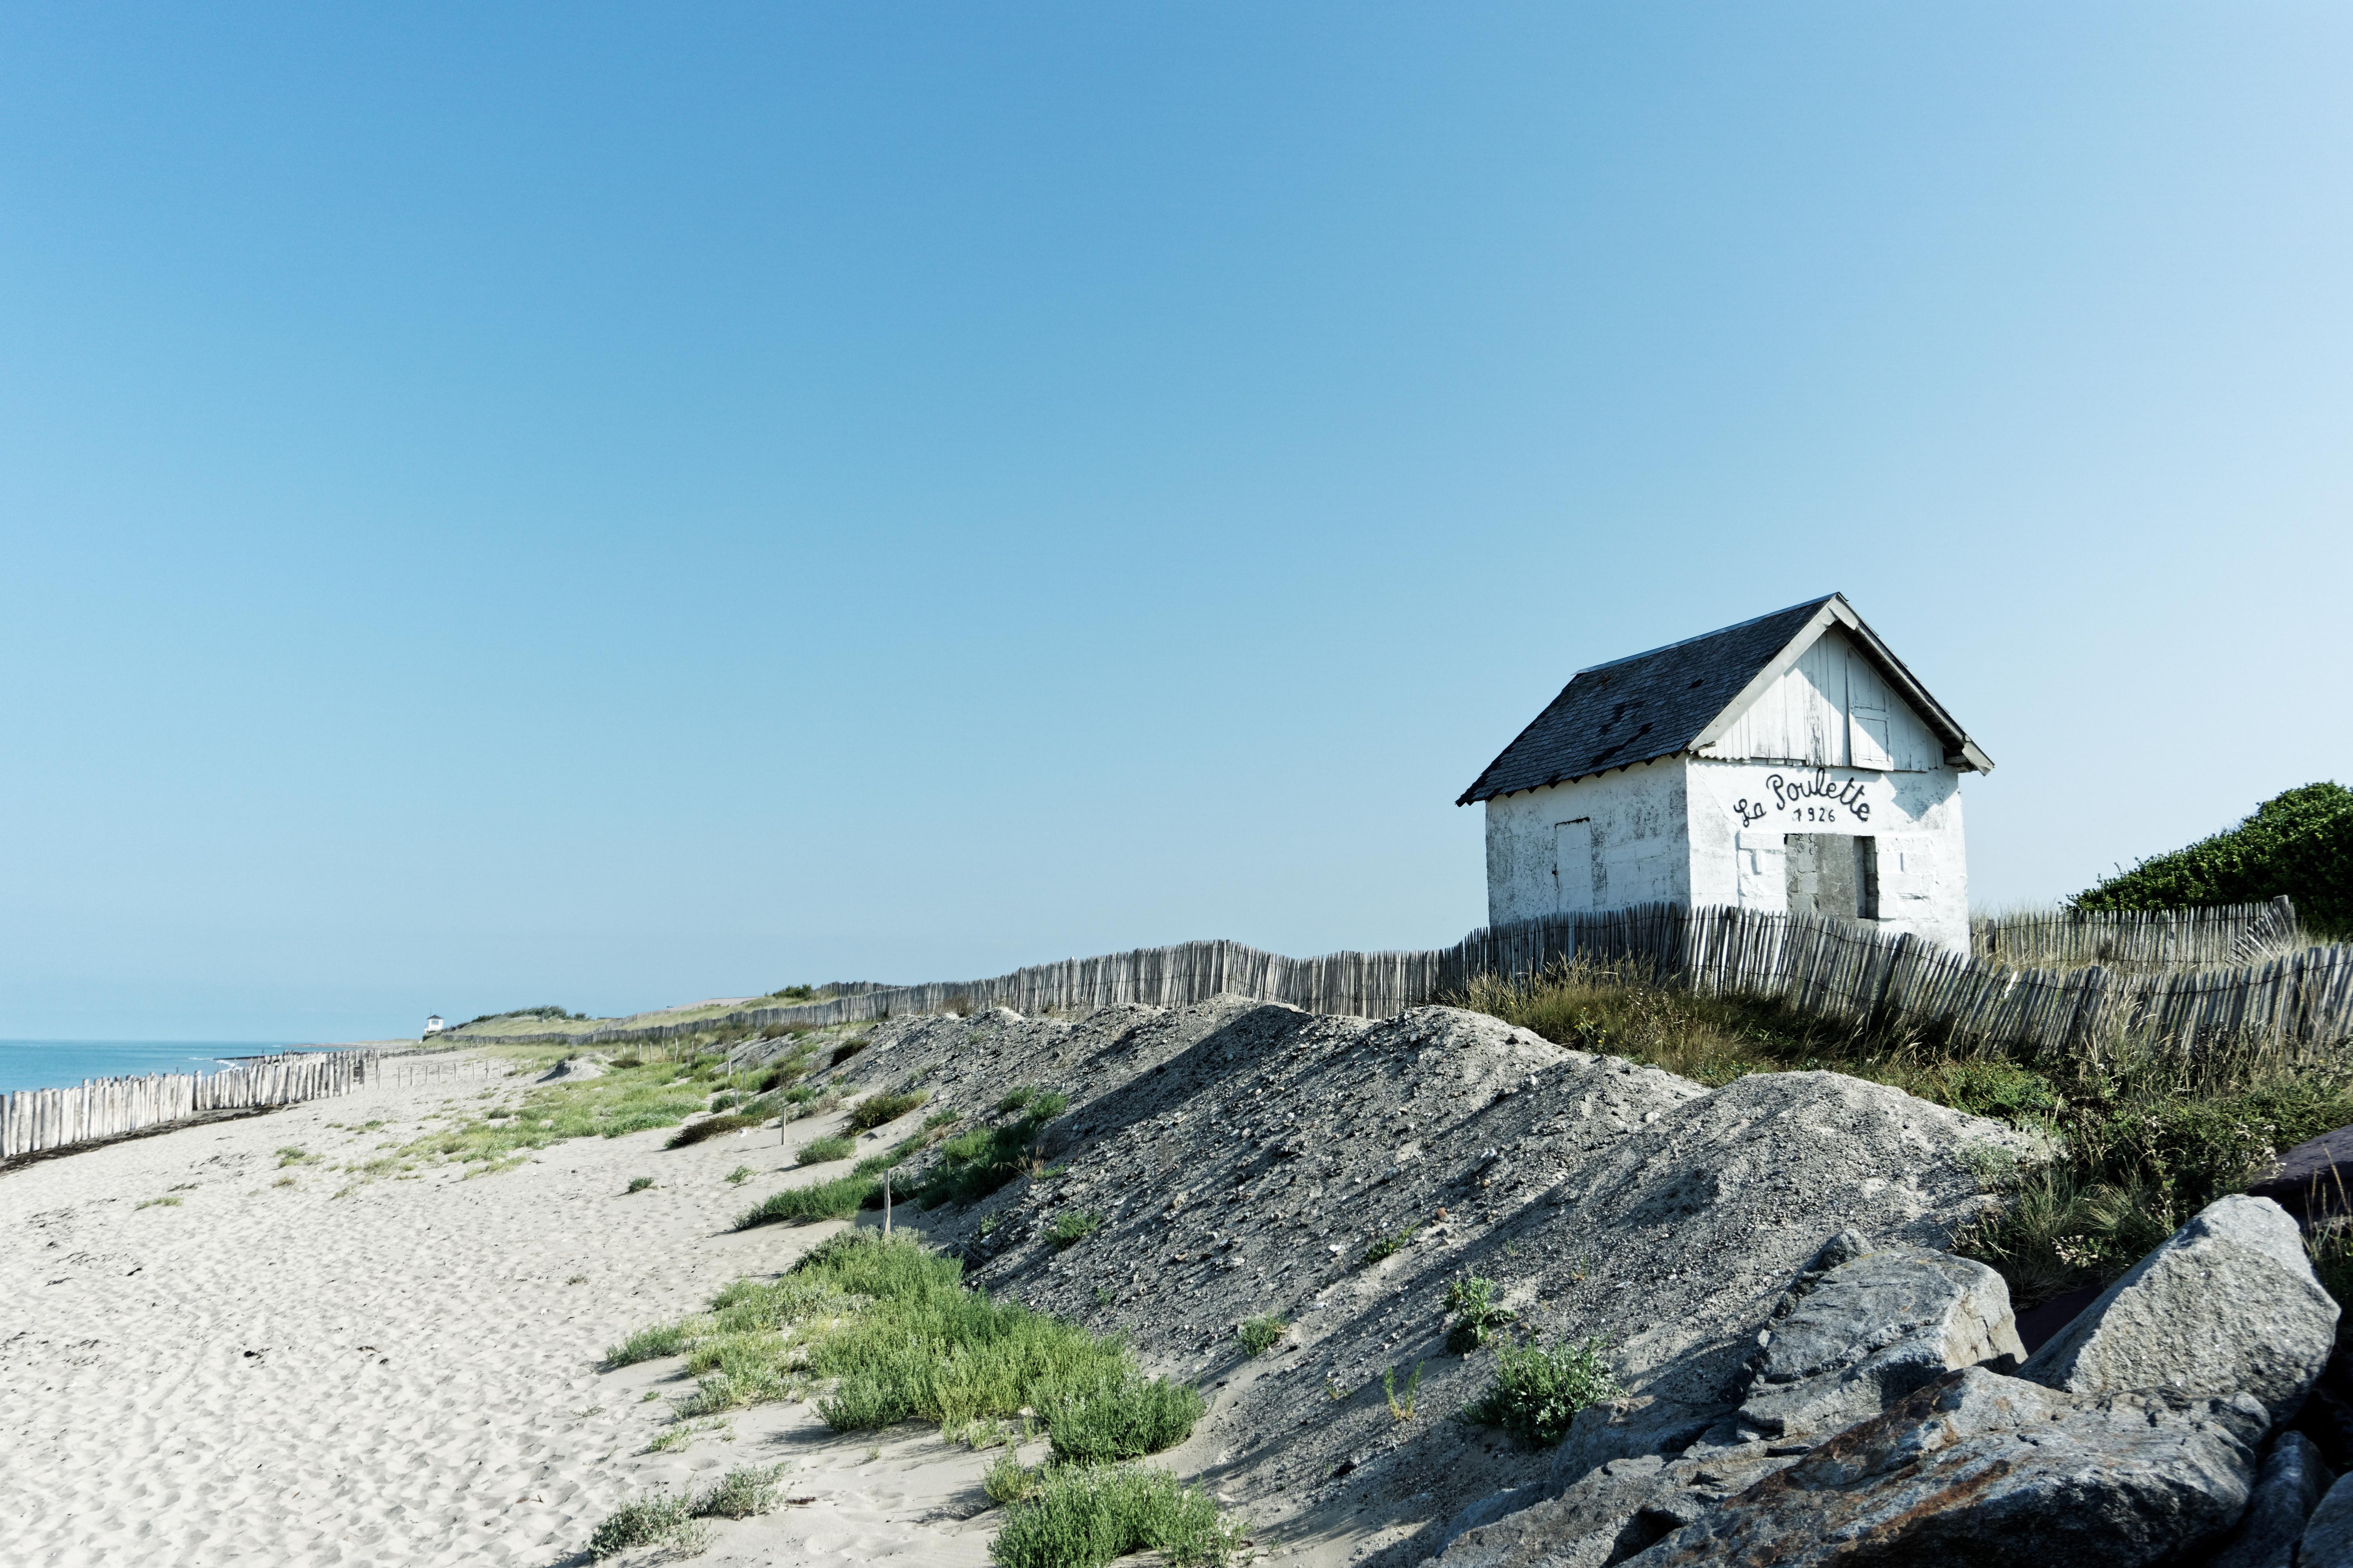 la-cabane-de-la-poulette-plus-ancienne-cabane-de-plage-ayant-resistee-au-debarquement-de-la-seconde-guerre-road-trip-dans-la-manche